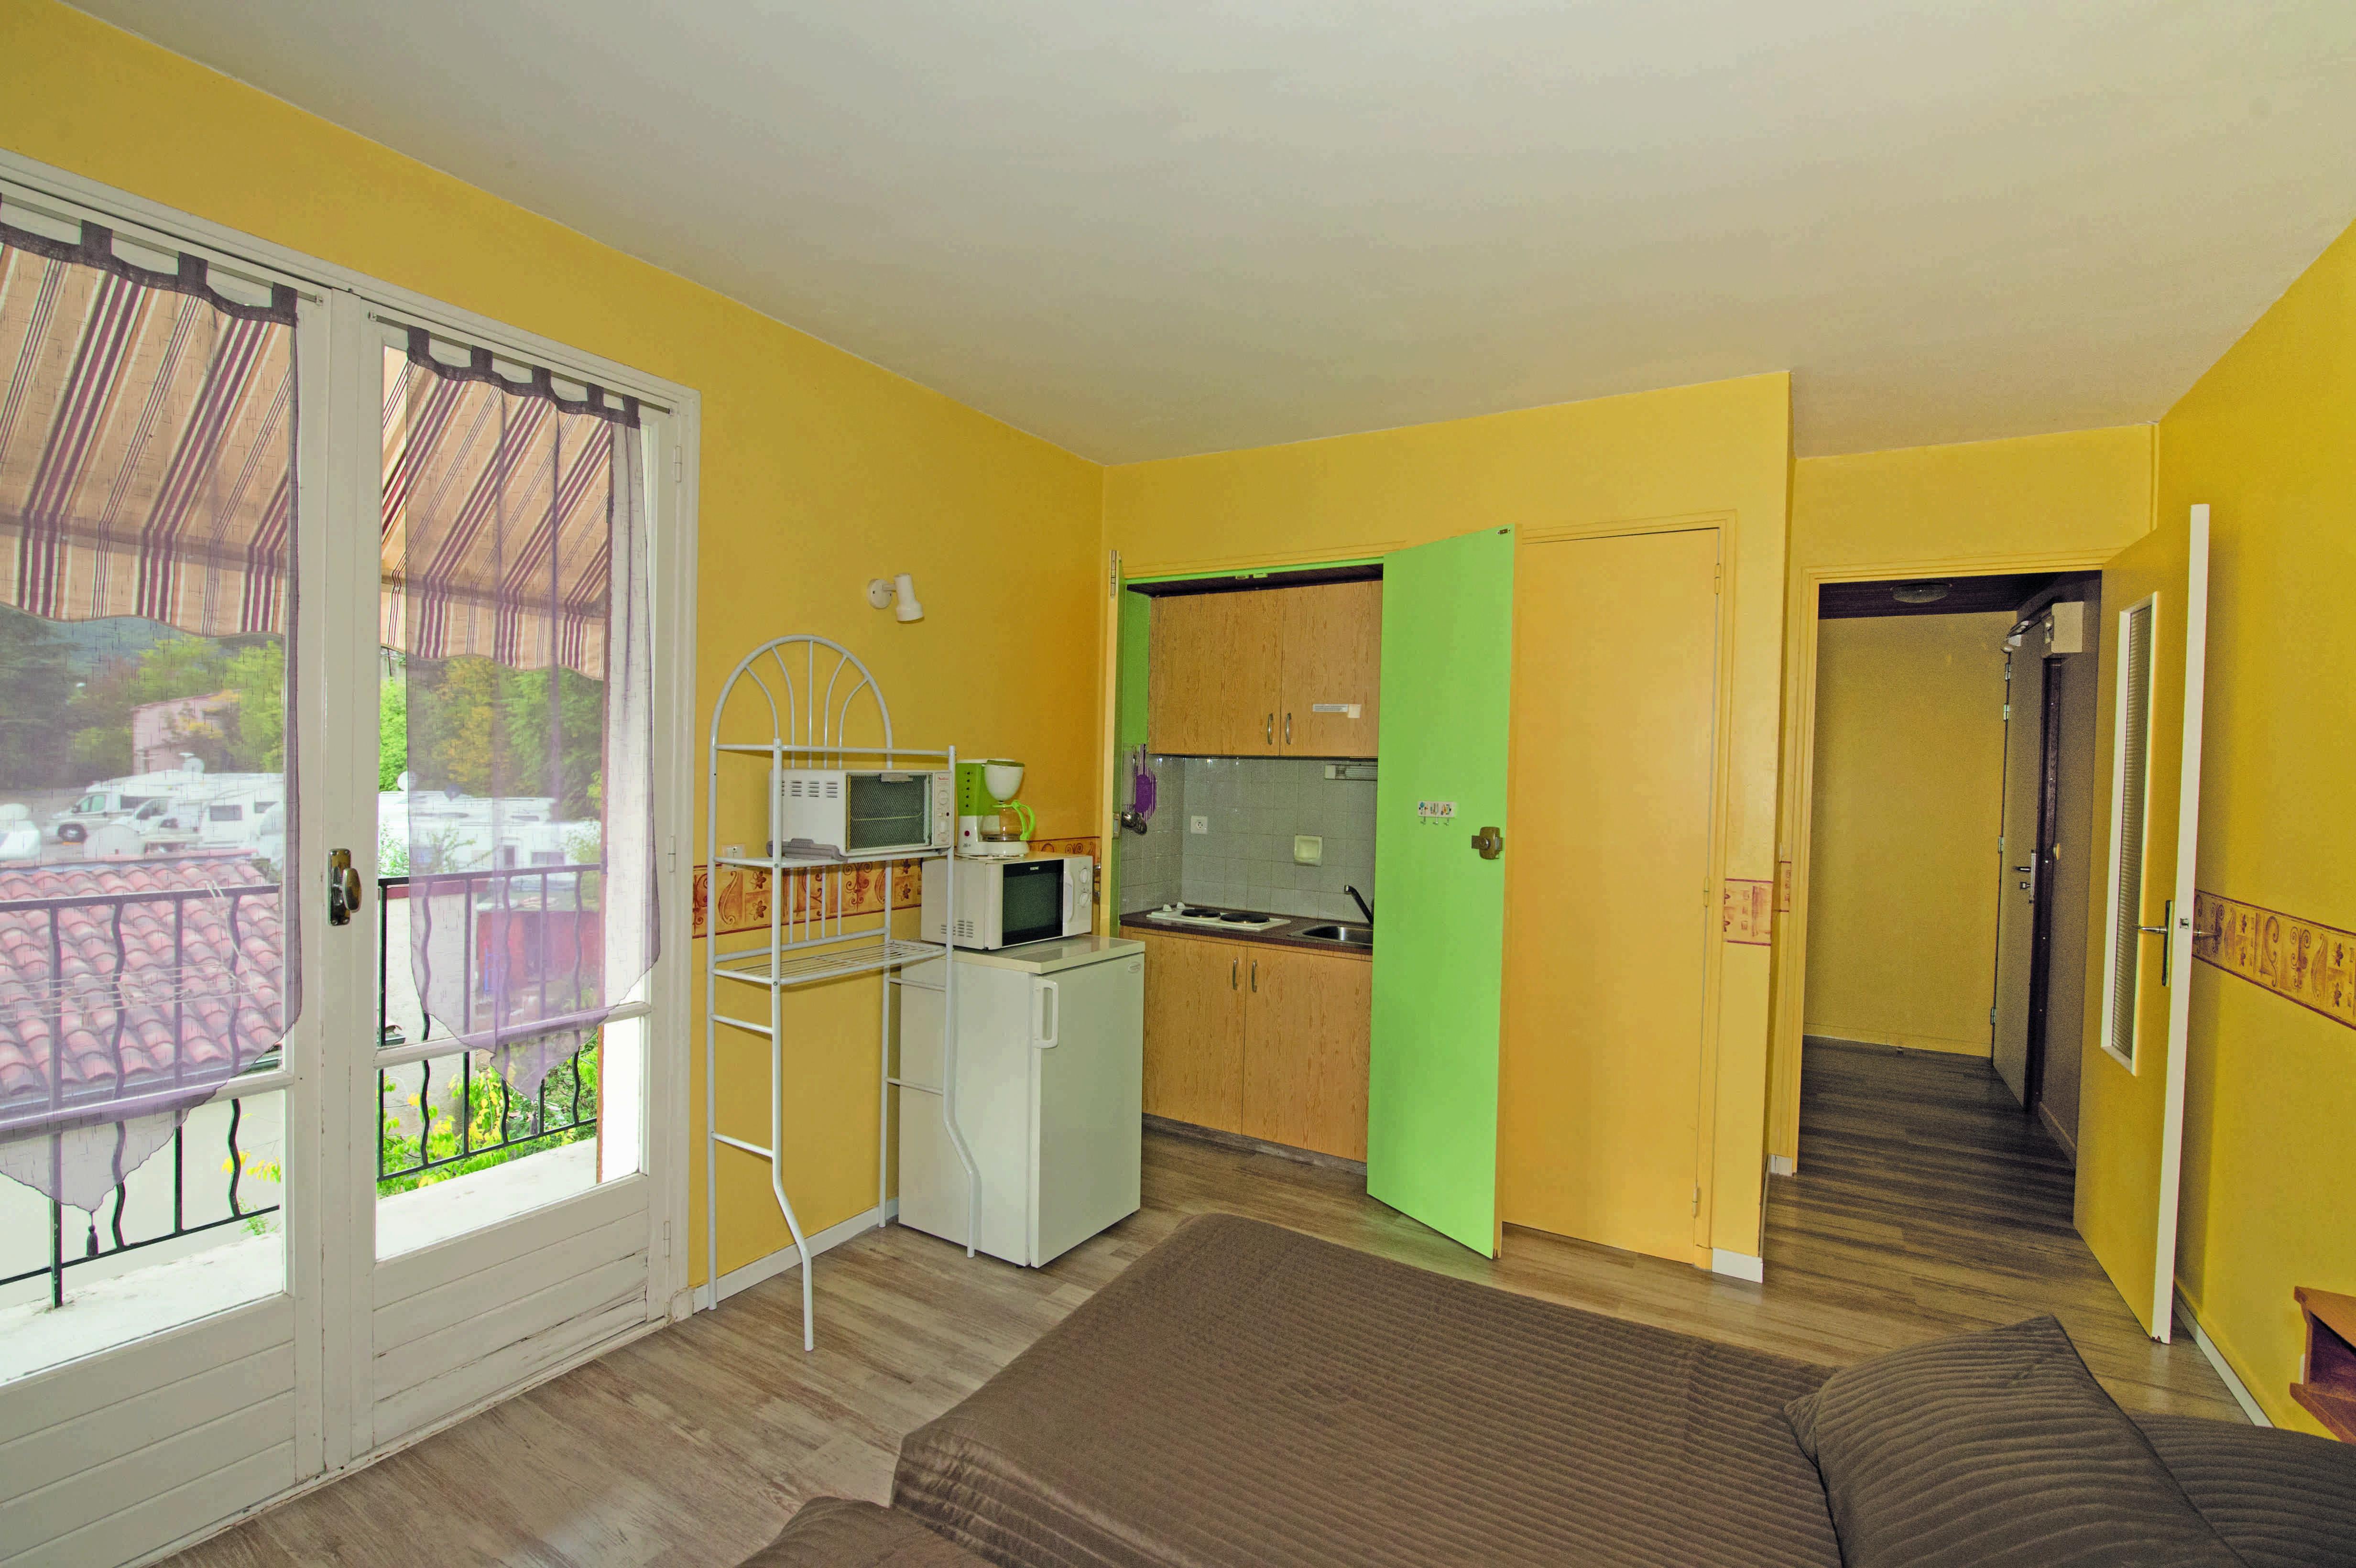 h tel r sidence le moulin amicale gr oux. Black Bedroom Furniture Sets. Home Design Ideas